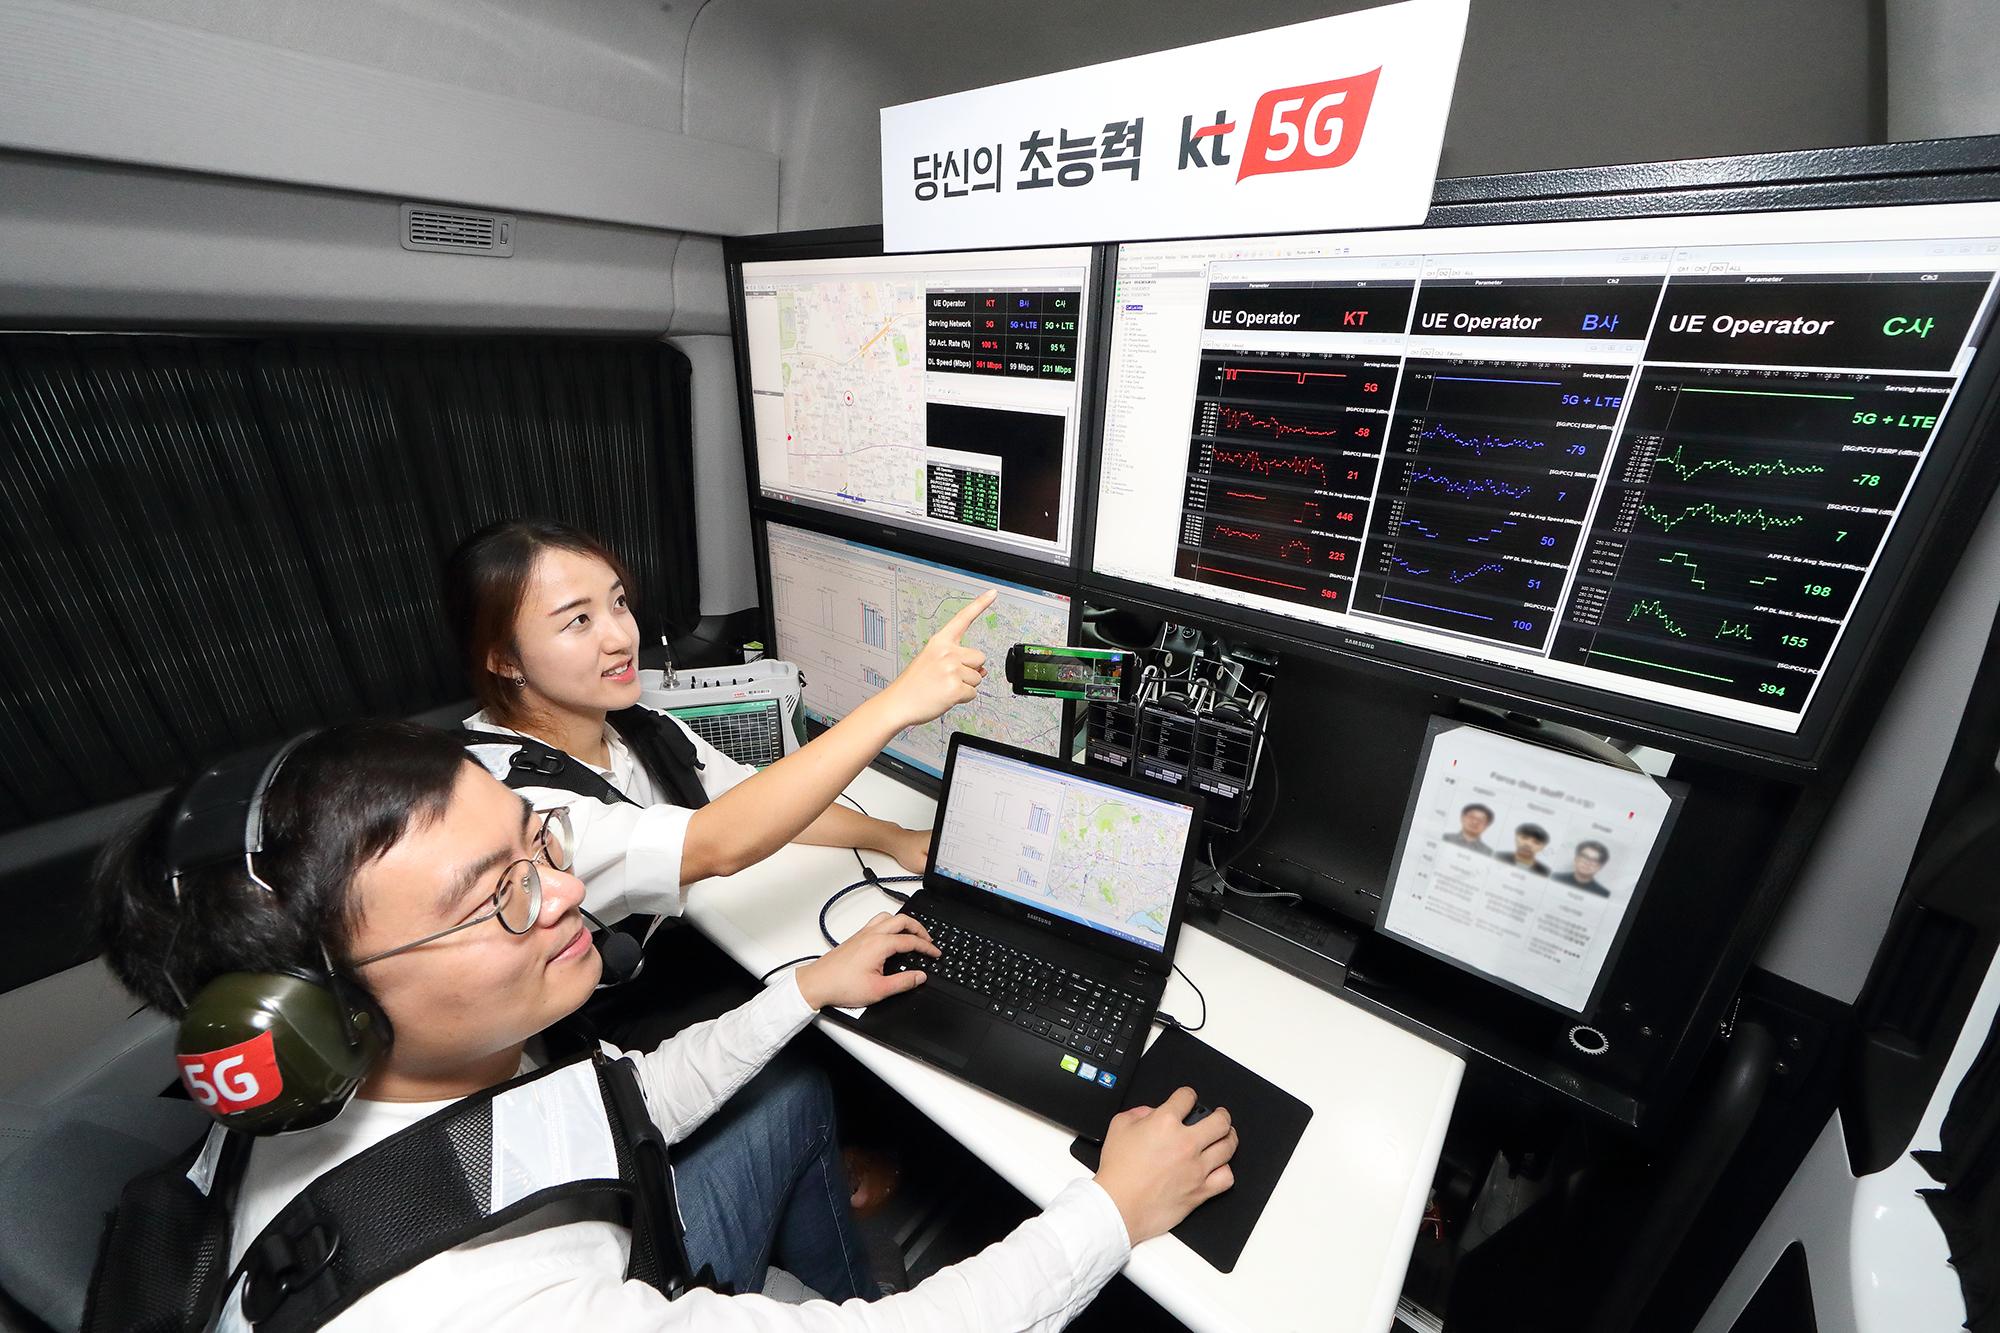 [KT사진자료4] KT 최첨단 품질측정 차량 1등 5G 서비스 만든다.jpg